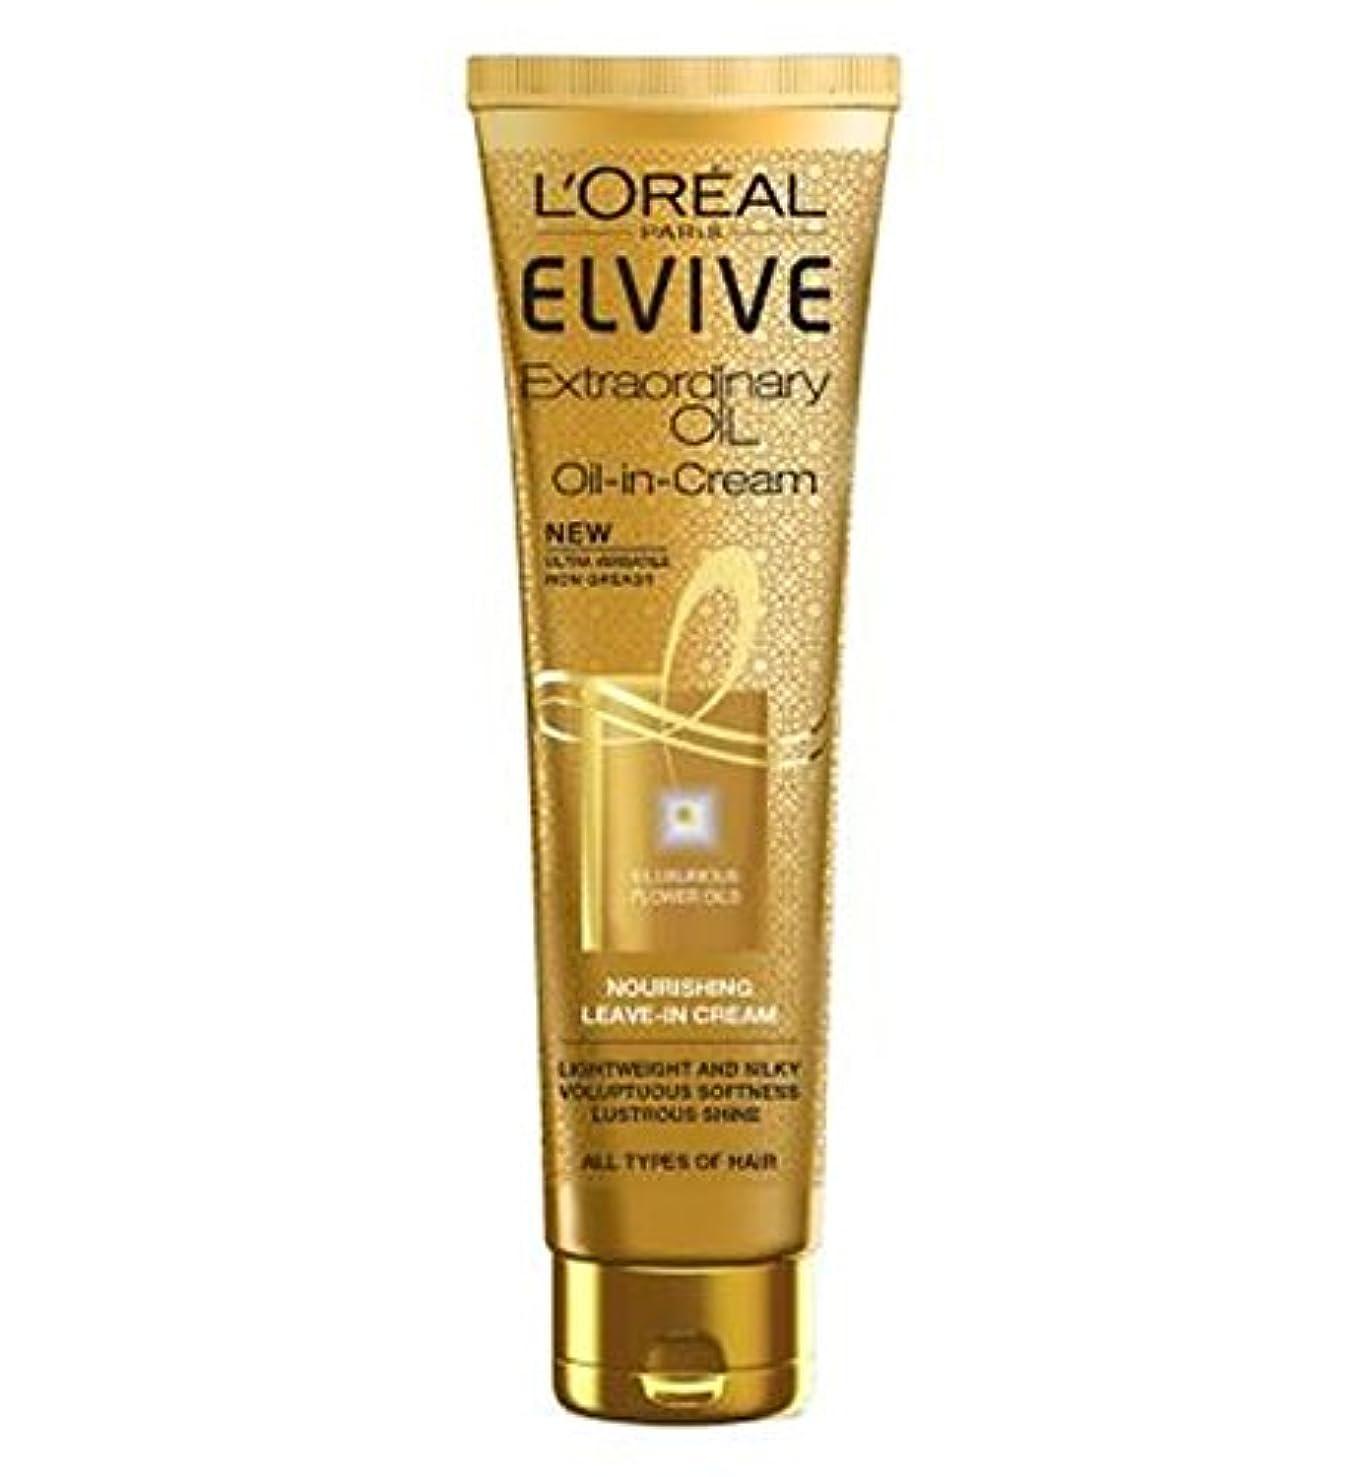 自動車リレー配当すべての髪のタイプのクリームでロレアルパリElvive臨時オイル (L'Oreal) (x2) - L'Oreal Paris Elvive Extraordinary Oil in Cream All Hair Types...